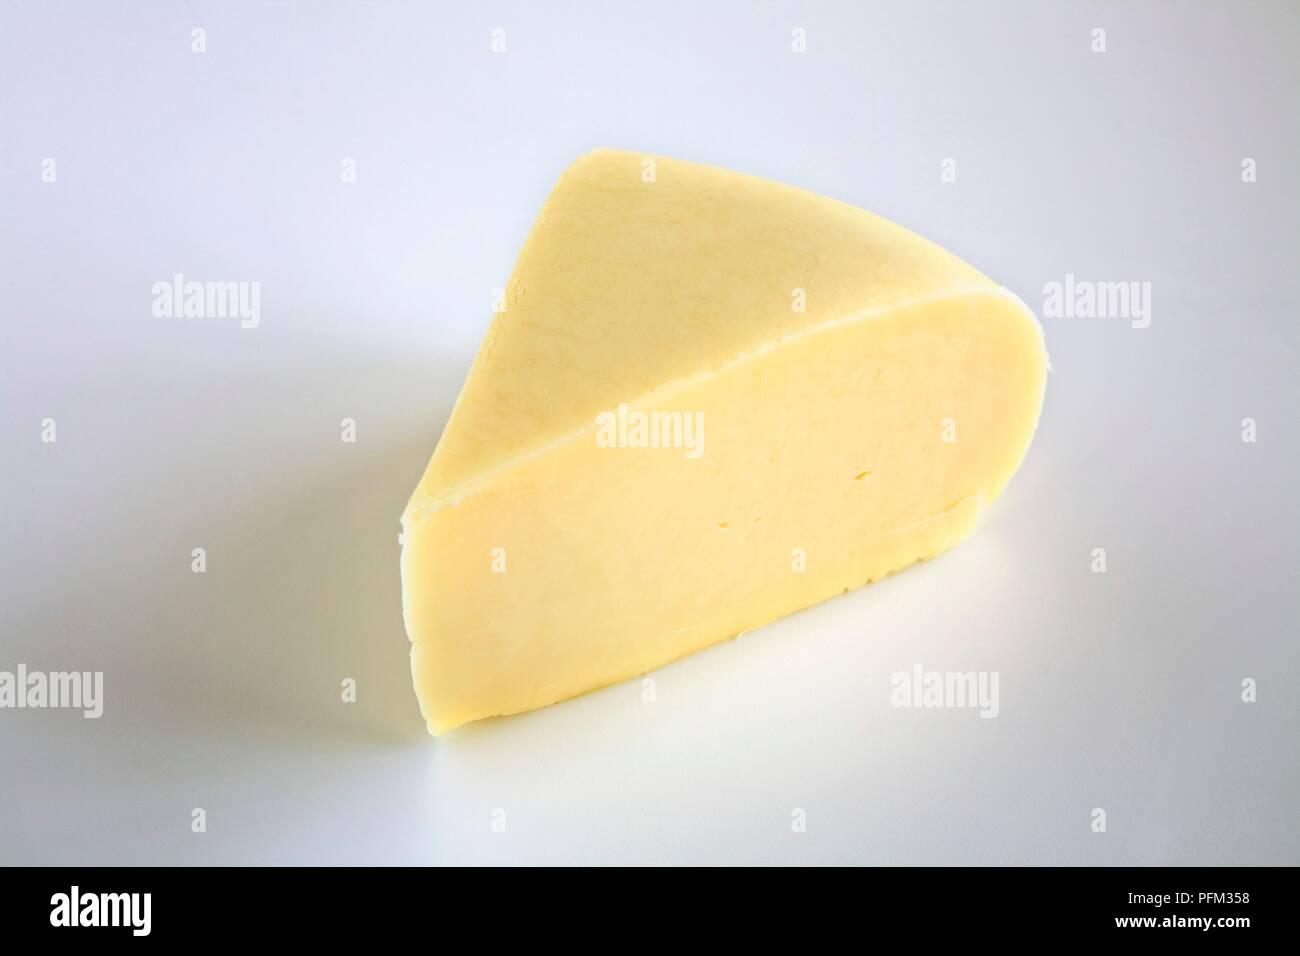 Slice of American Monterey Jack cow's milk cheese Stock Photo